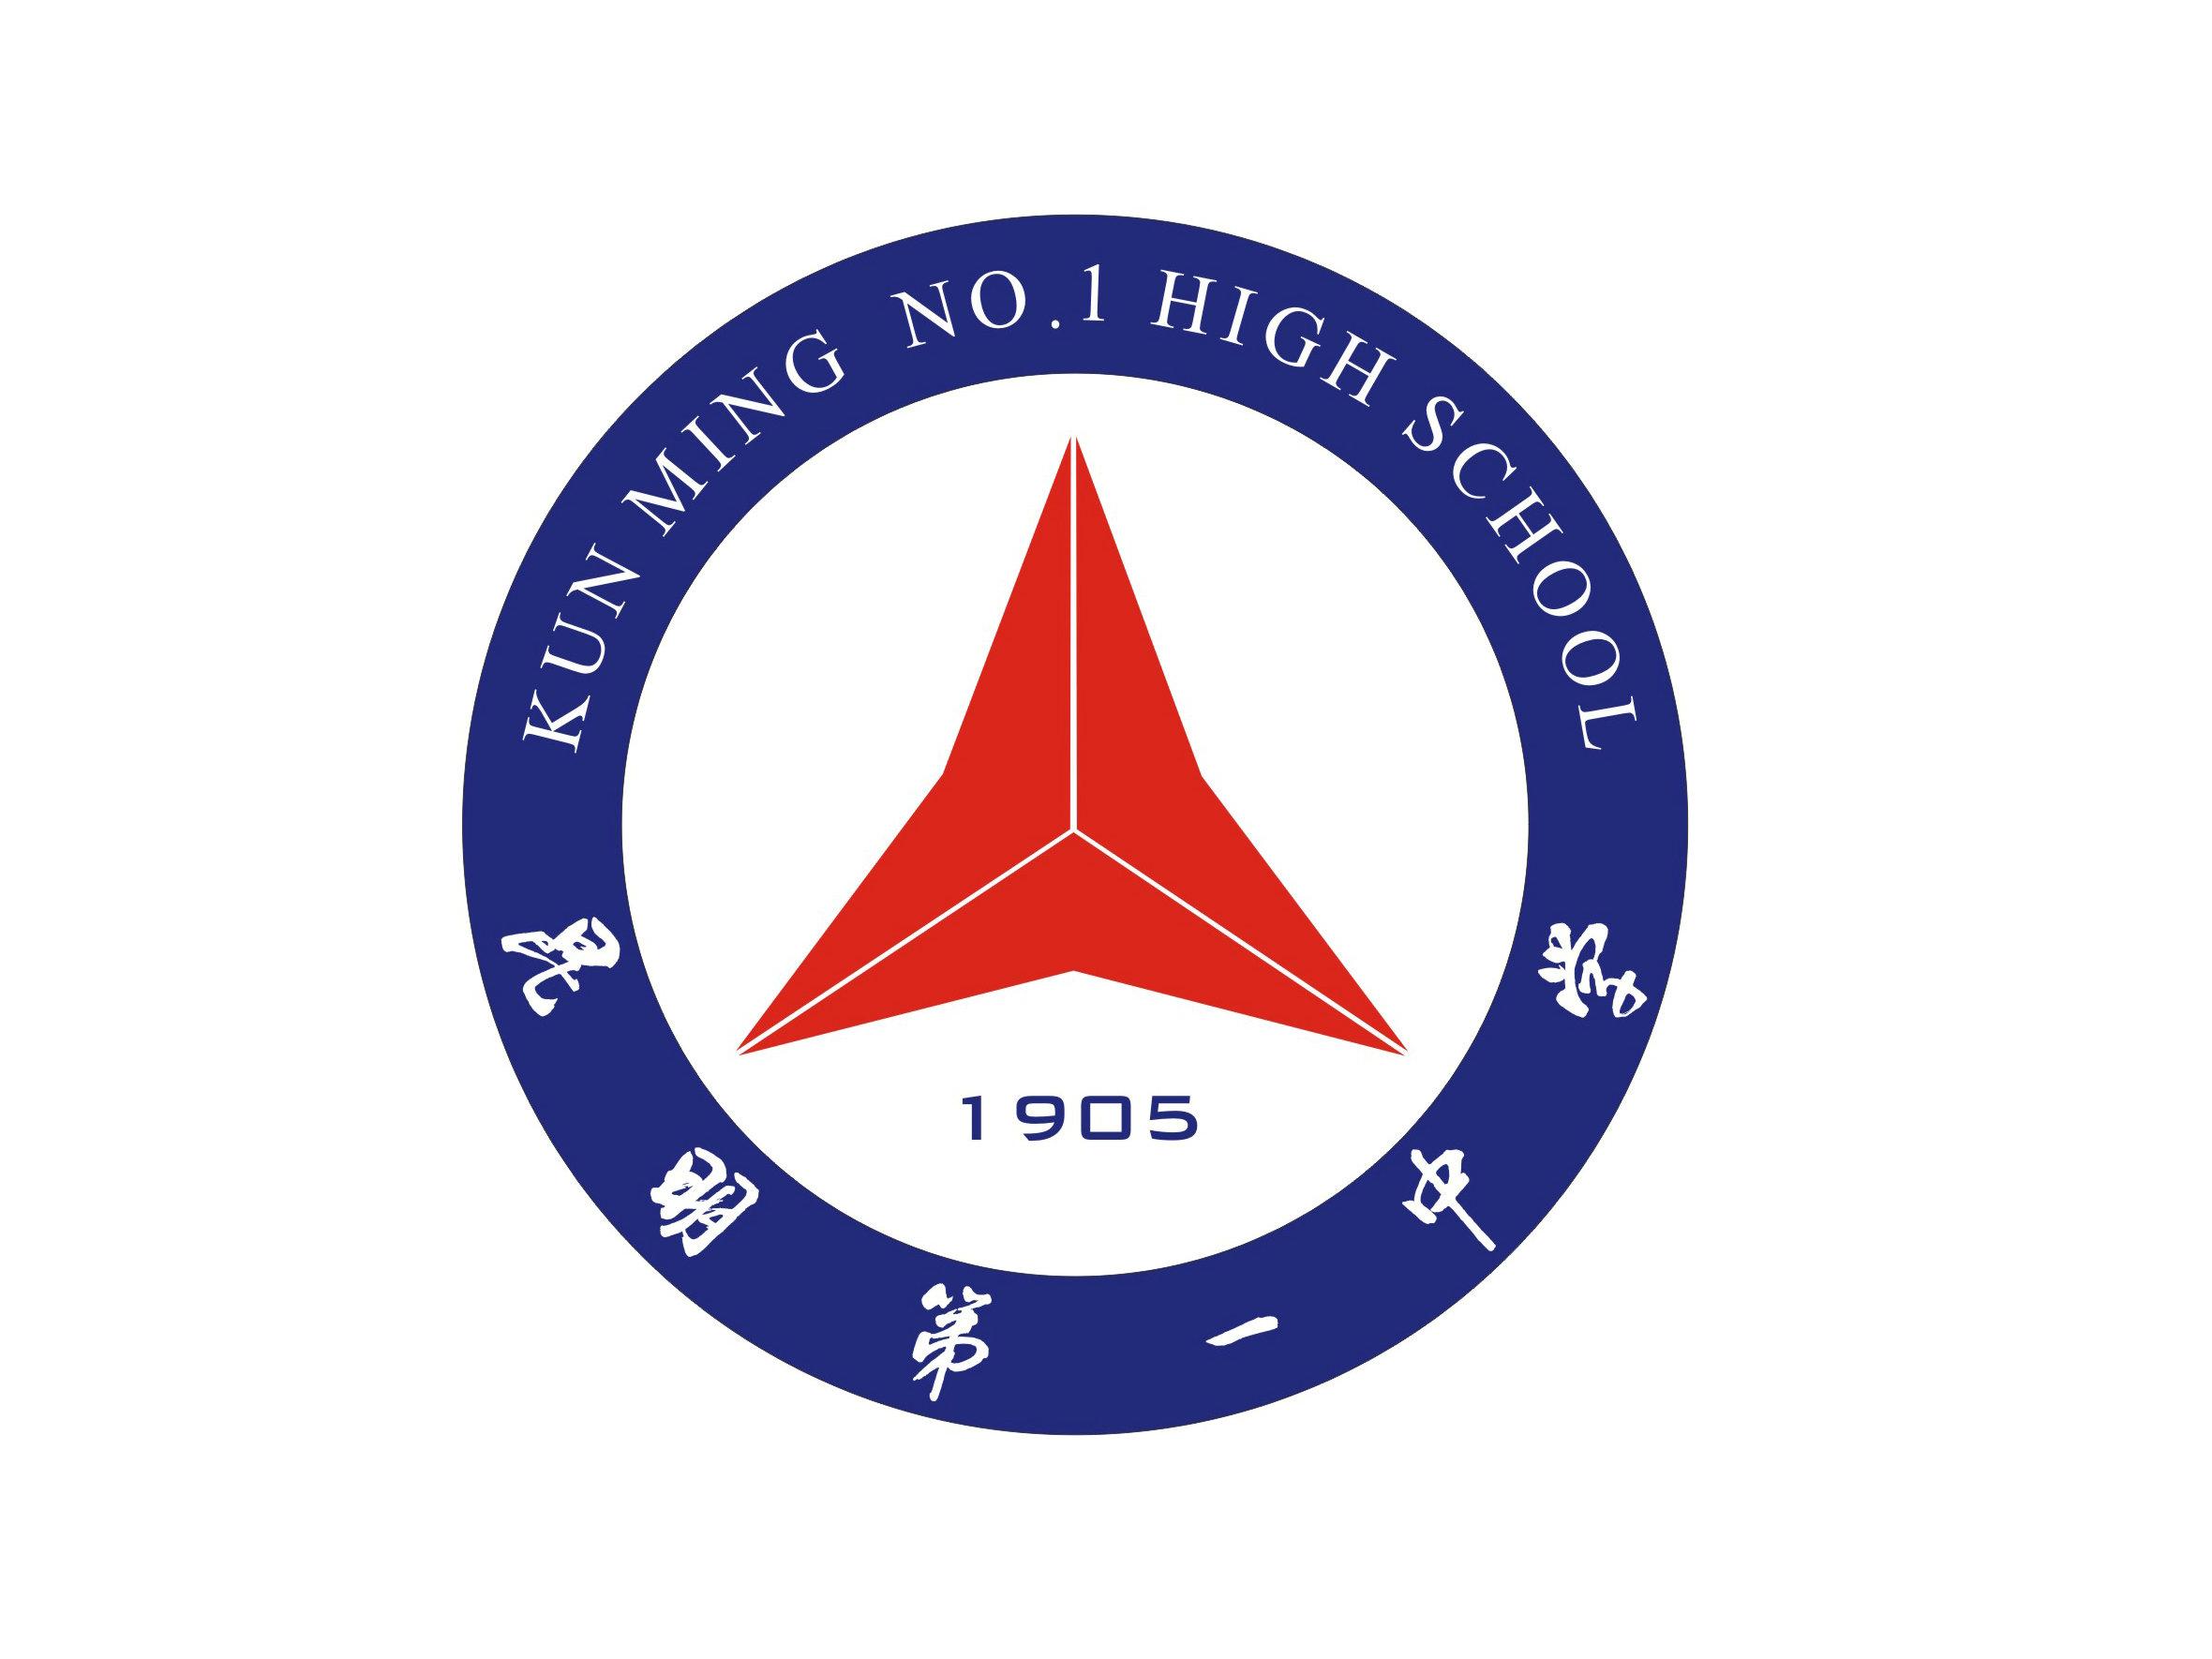 关于启用昆明市第一中学新校徽的公告